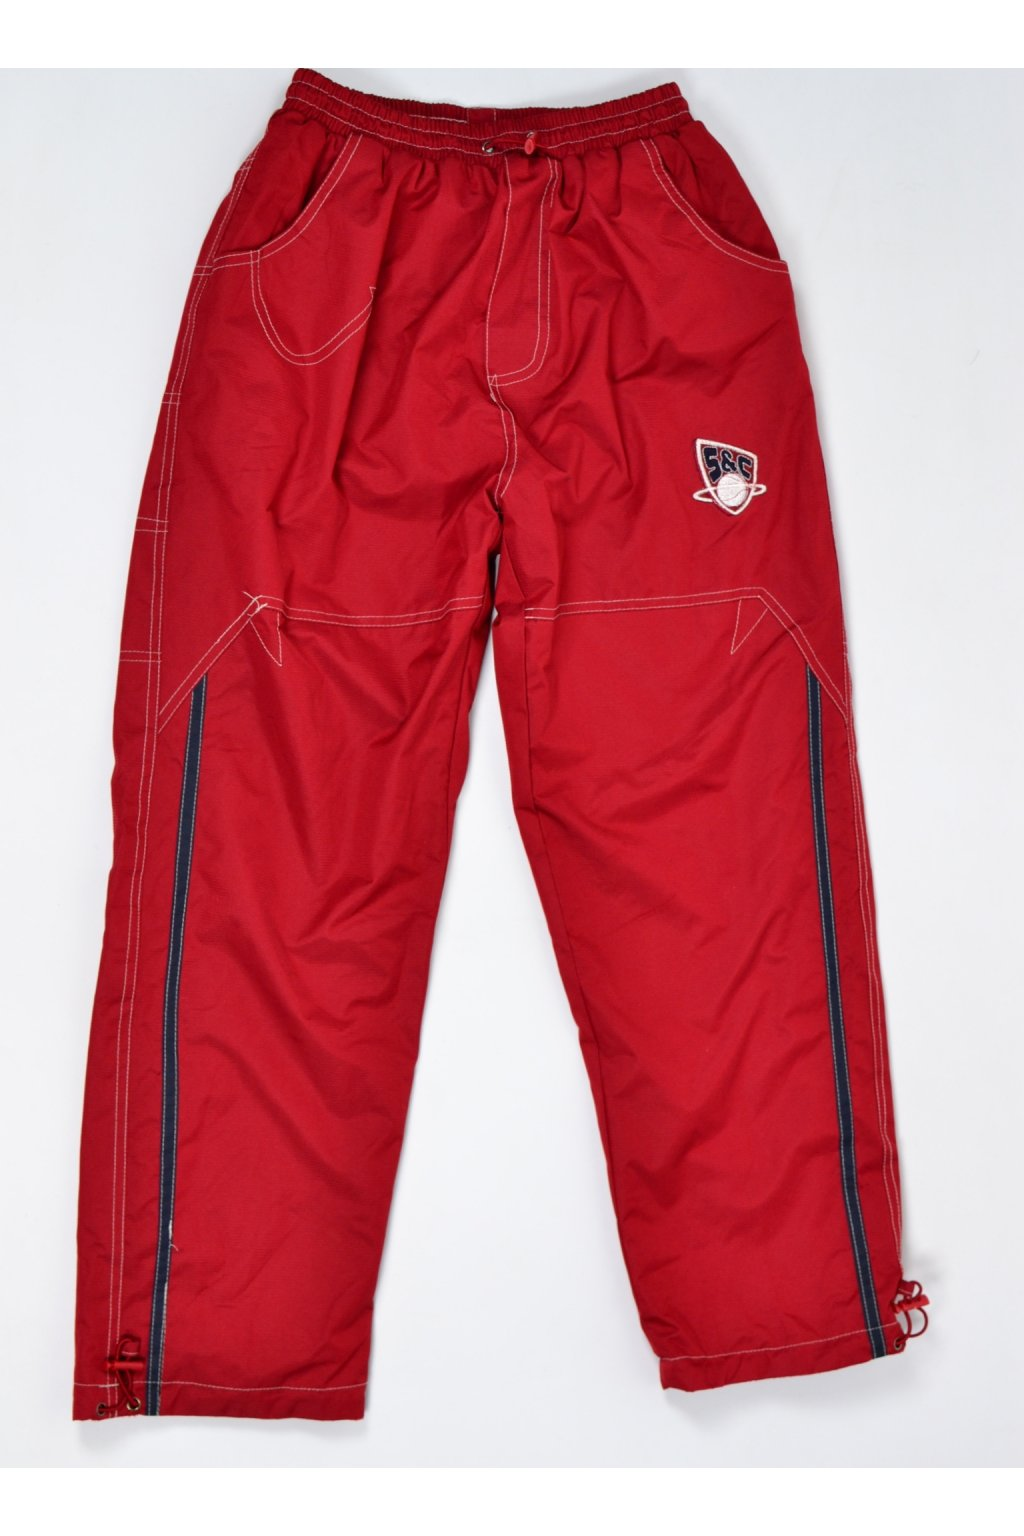 Kalhoty zateplené Sport Wear 152/11-12 červené